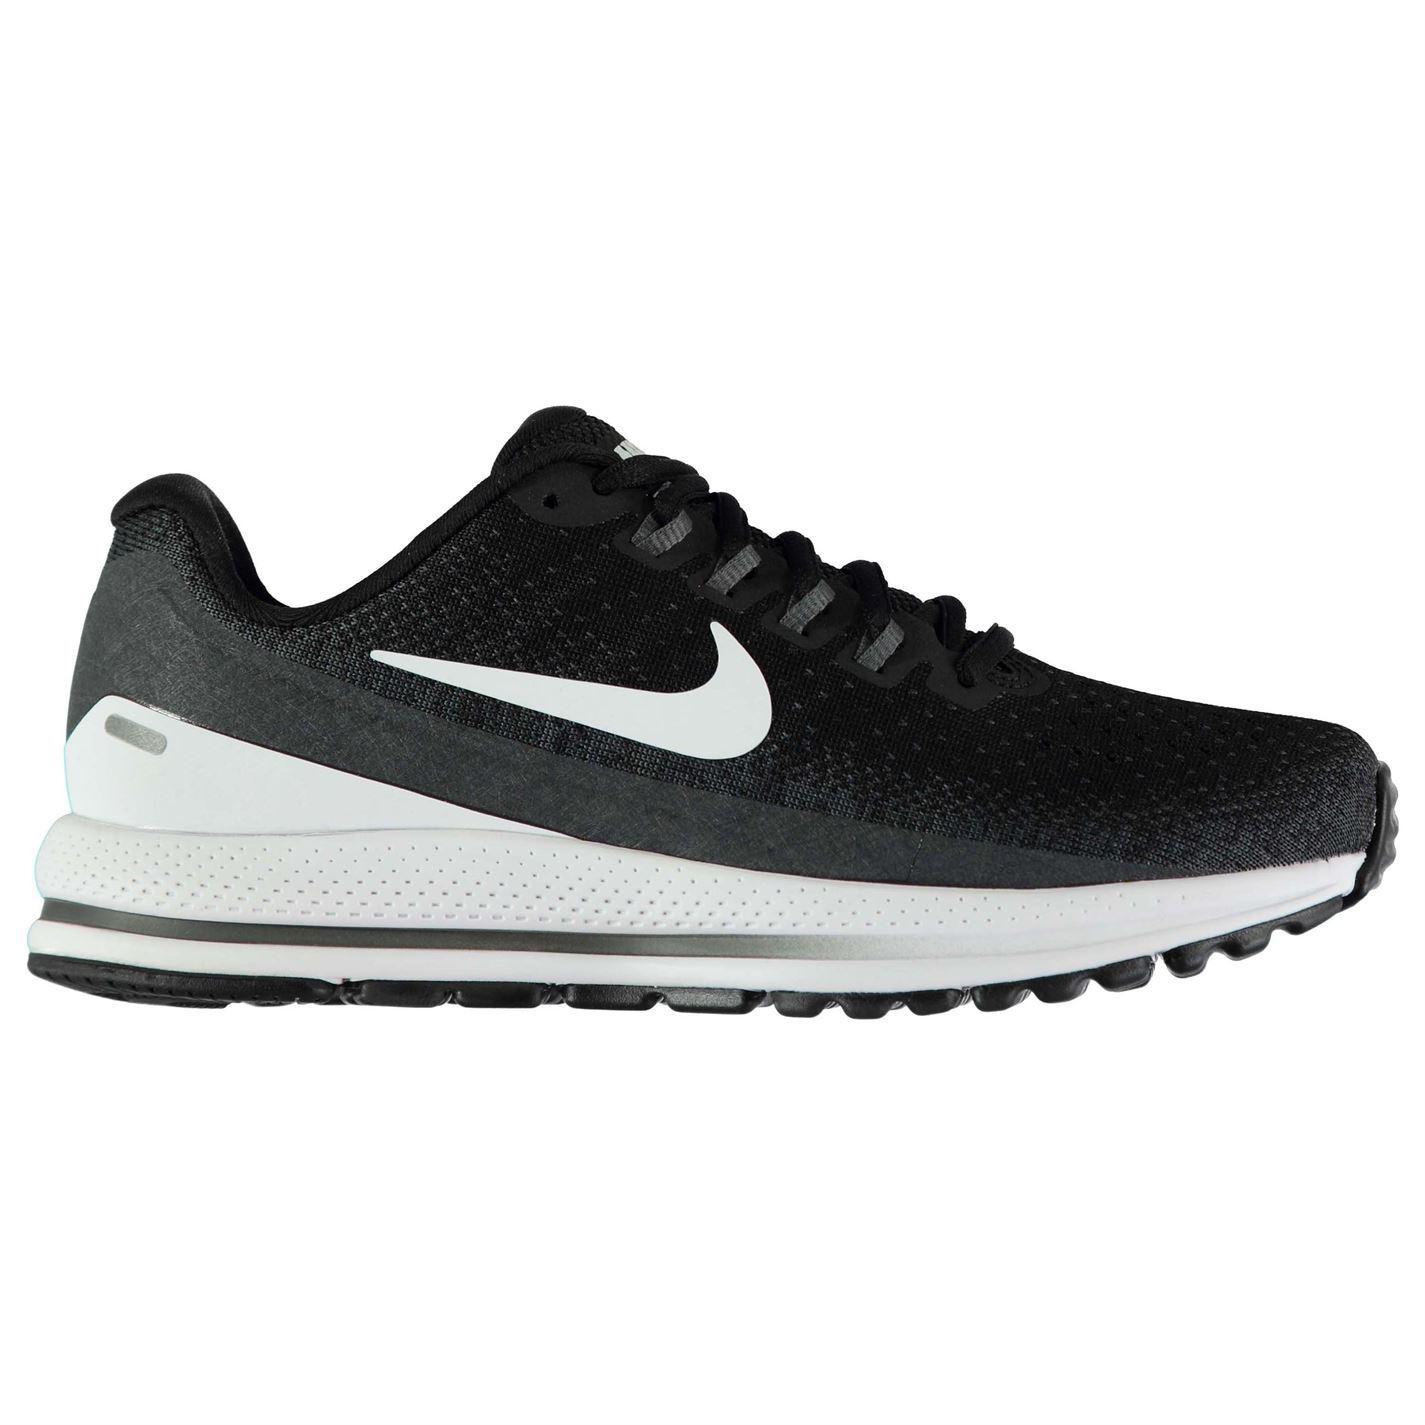 Nike Air Zoom Vomero 13 Running W Women's Running Trainers